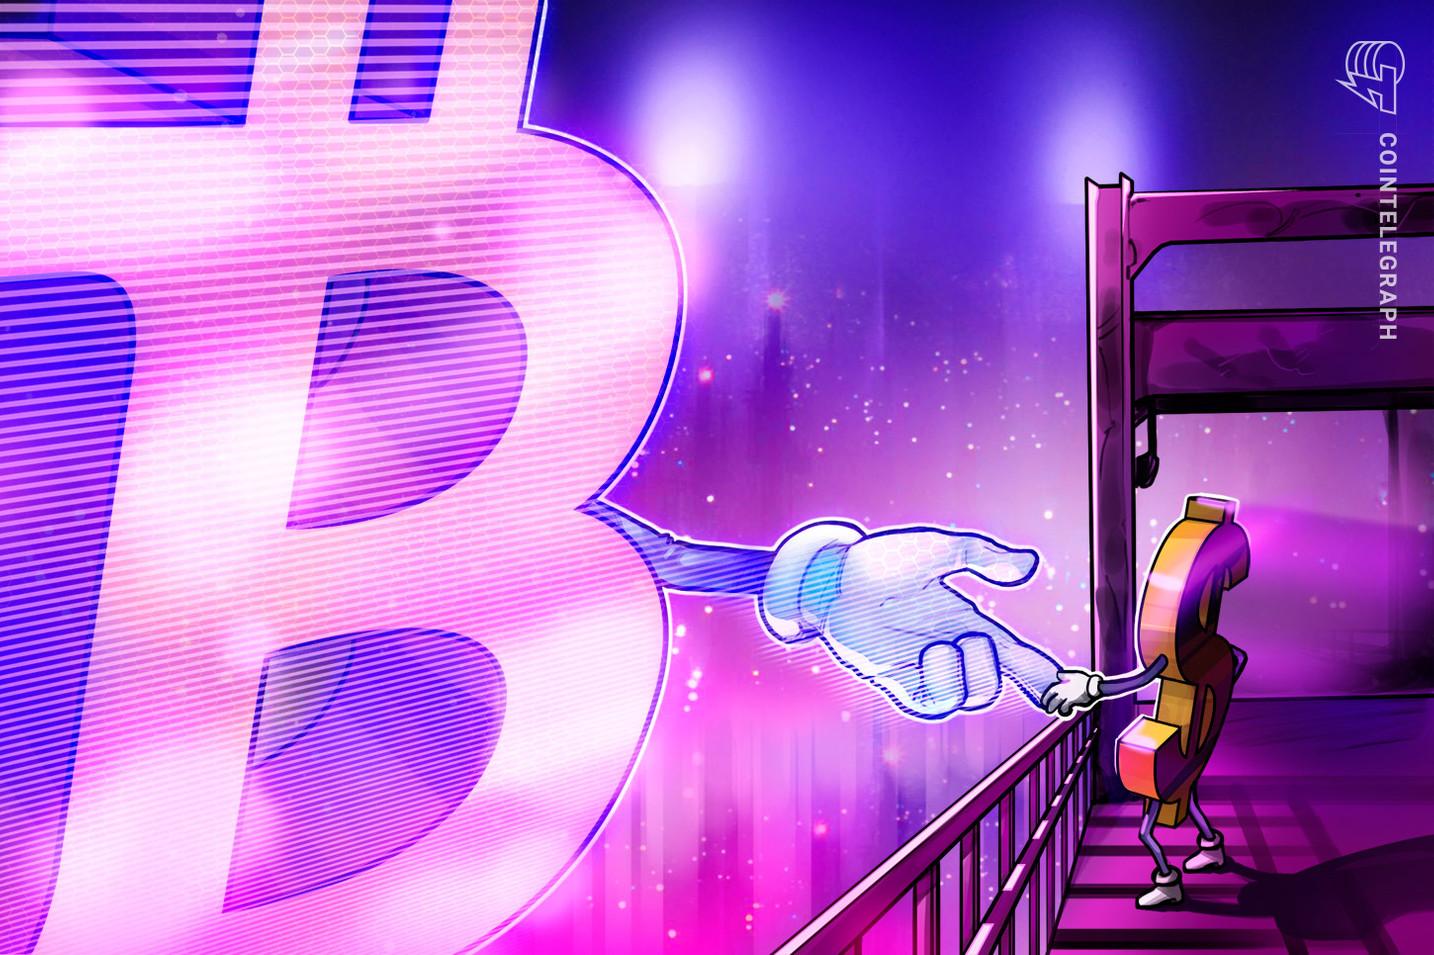 Raoul Pal está super otimista com o Bitcoin após recuperação de 80%